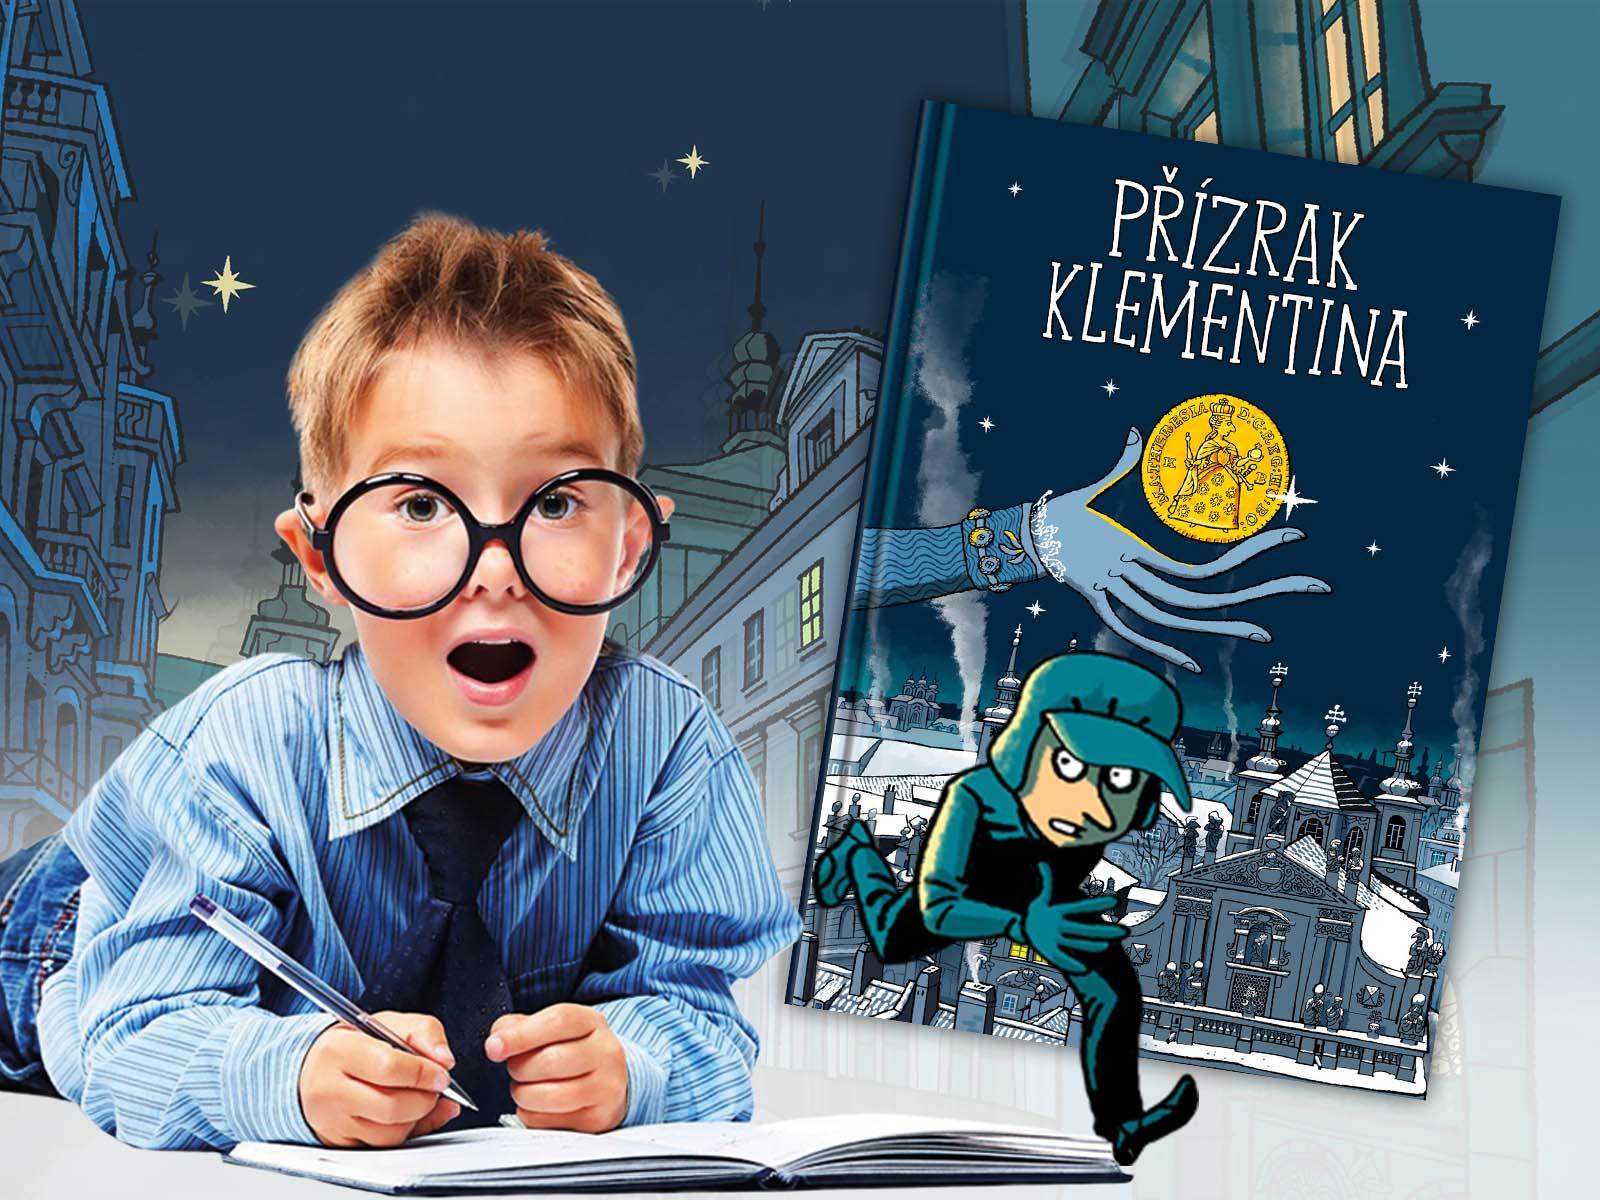 9295373643 Modry Słoń - Franchising.pl - franczyza